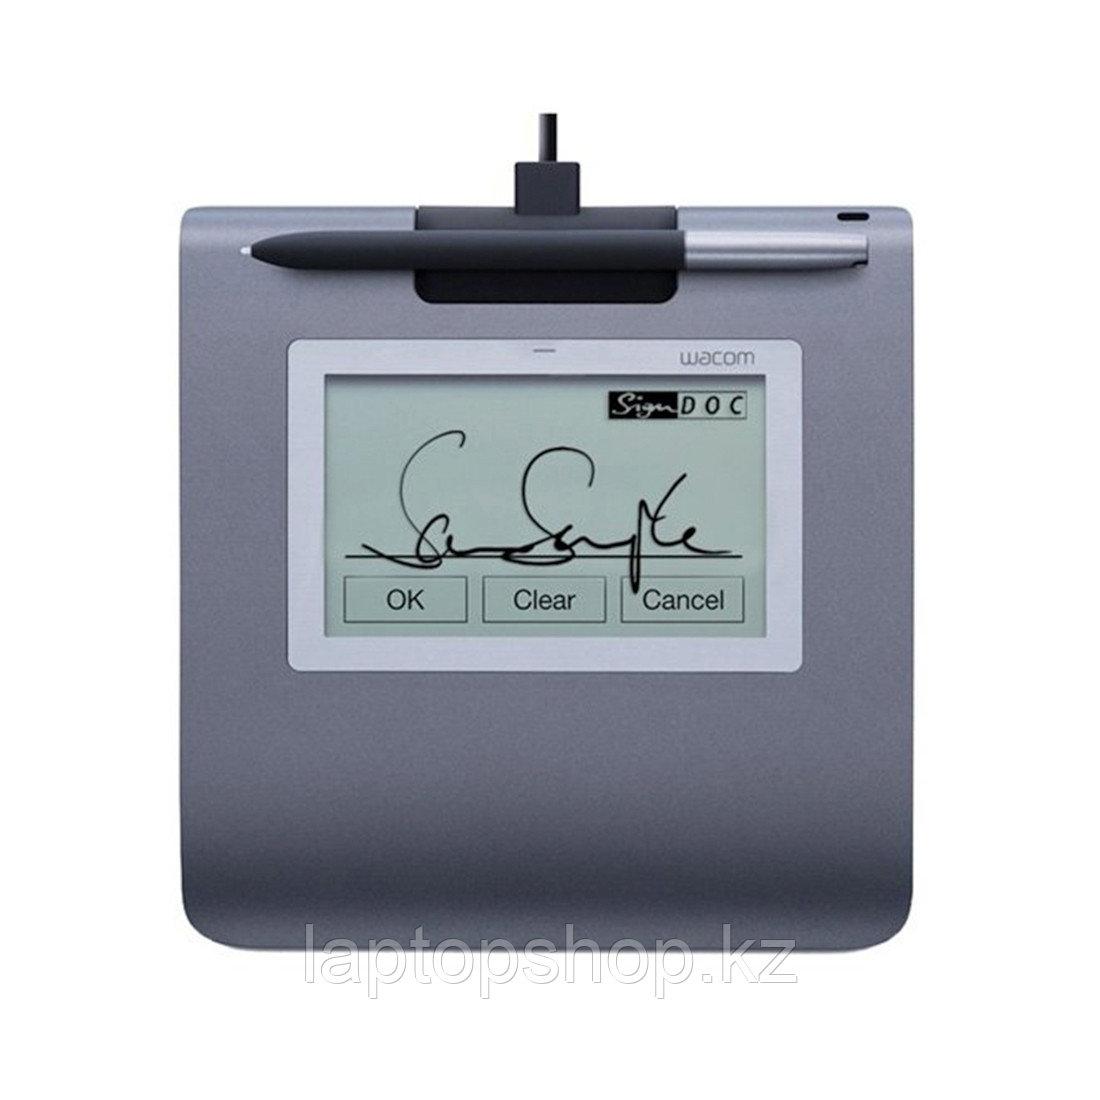 Планшет для цифровой подписи Wacom LCD Signature Tablet (STU-430-CH2)